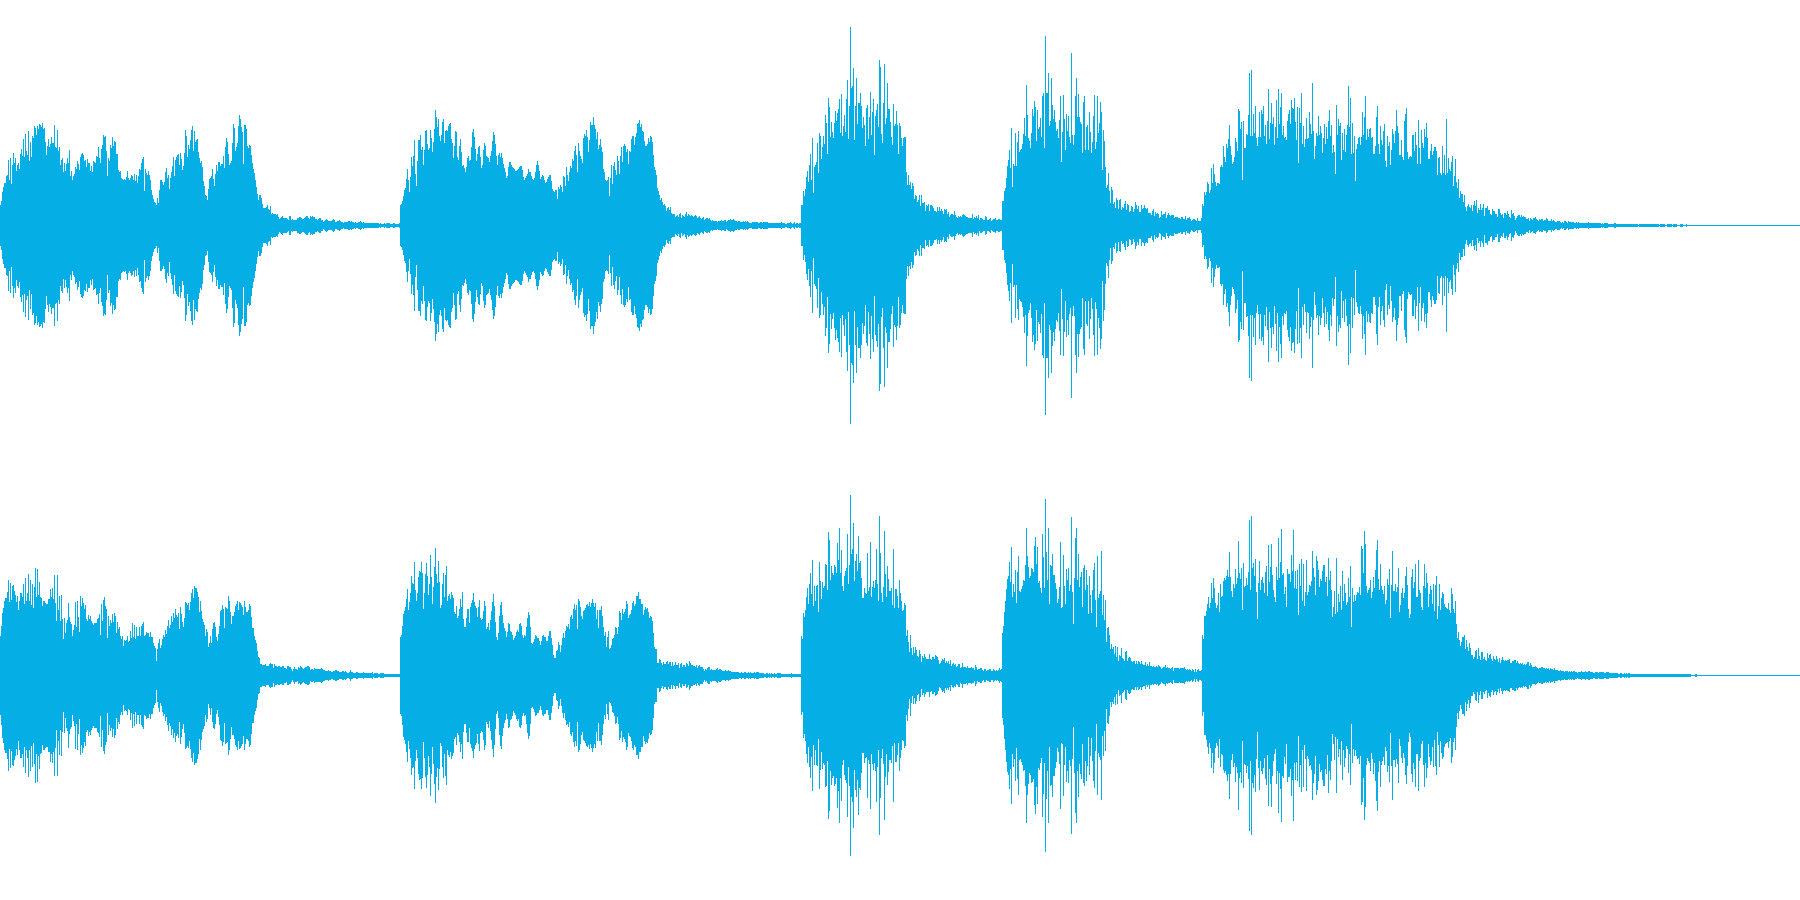 【ジングル】アコーディオンの可愛いBGMの再生済みの波形